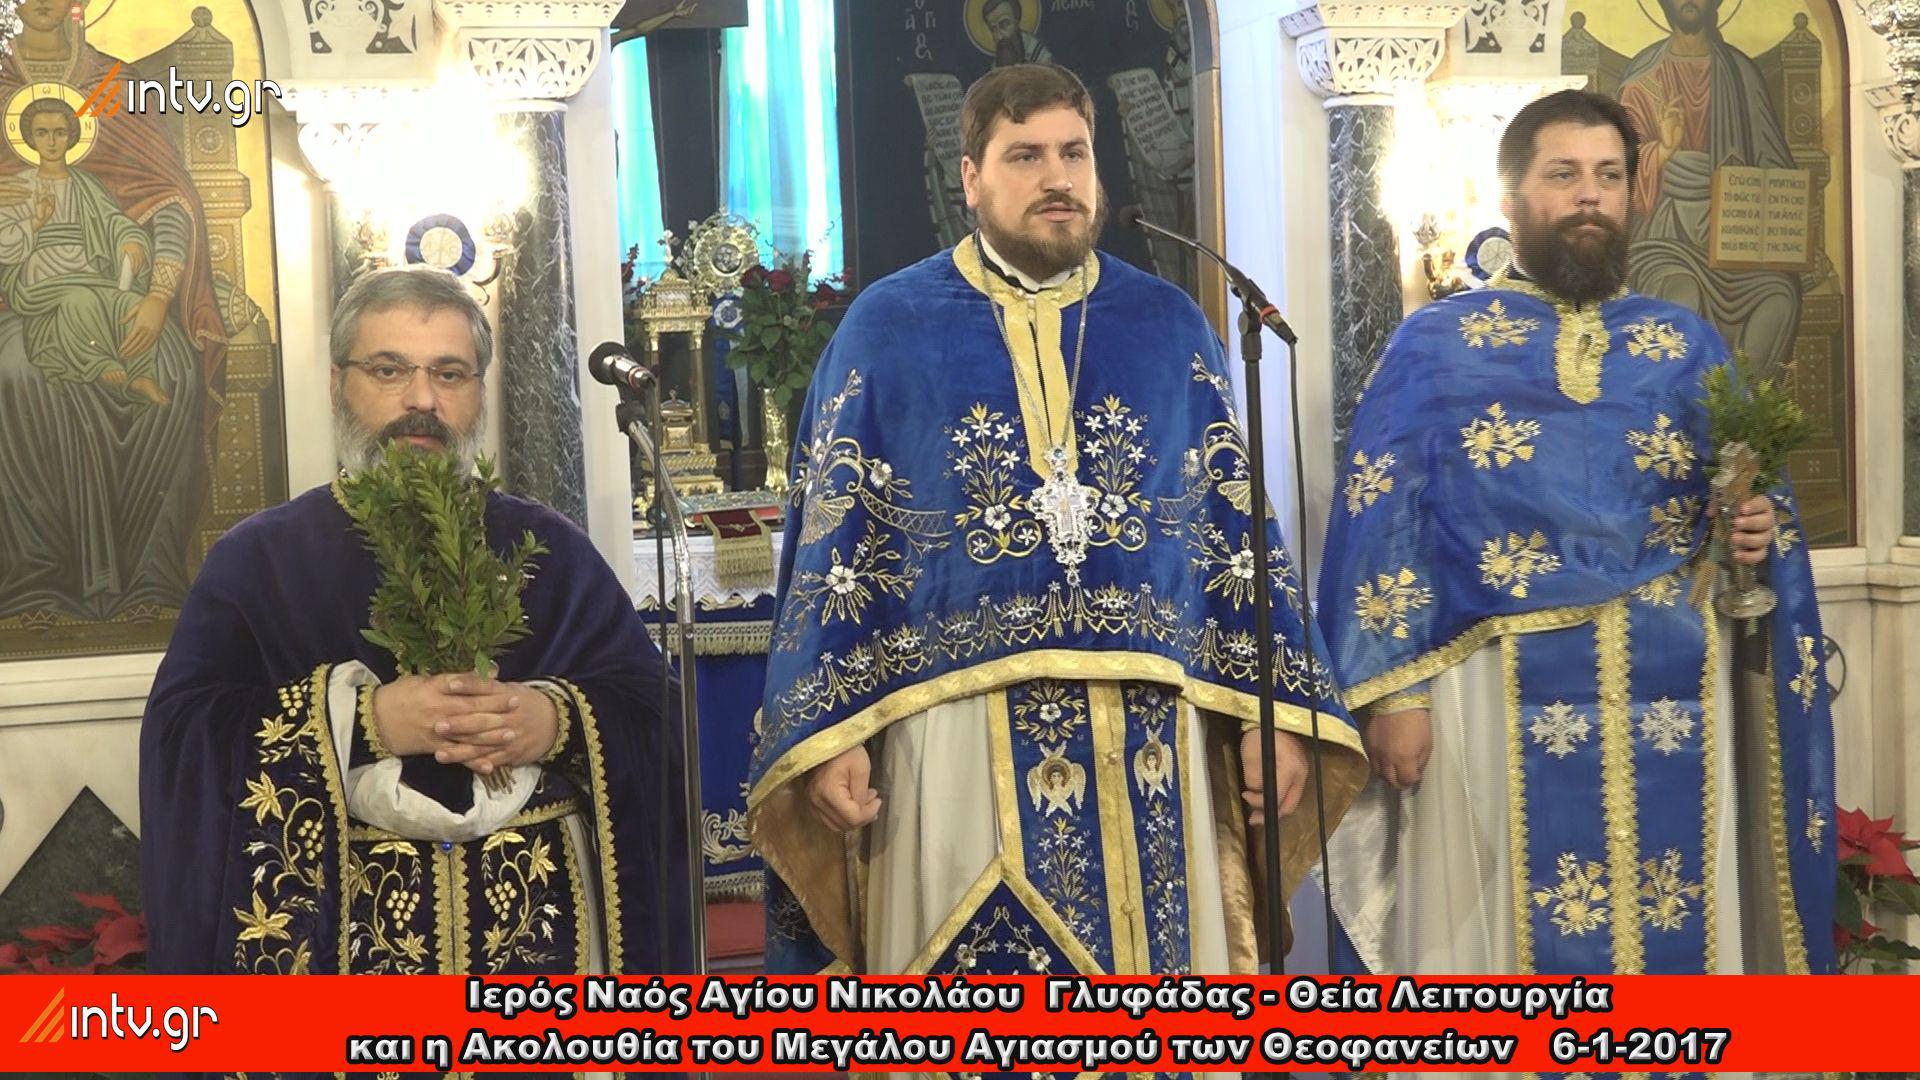 Ιερός Ναός Αγίου Νικολάου  Γλυφάδας - Θεία Λειτουργία και η Ακολουθία του Μεγάλου Αγιασμού των Θεοφανείων